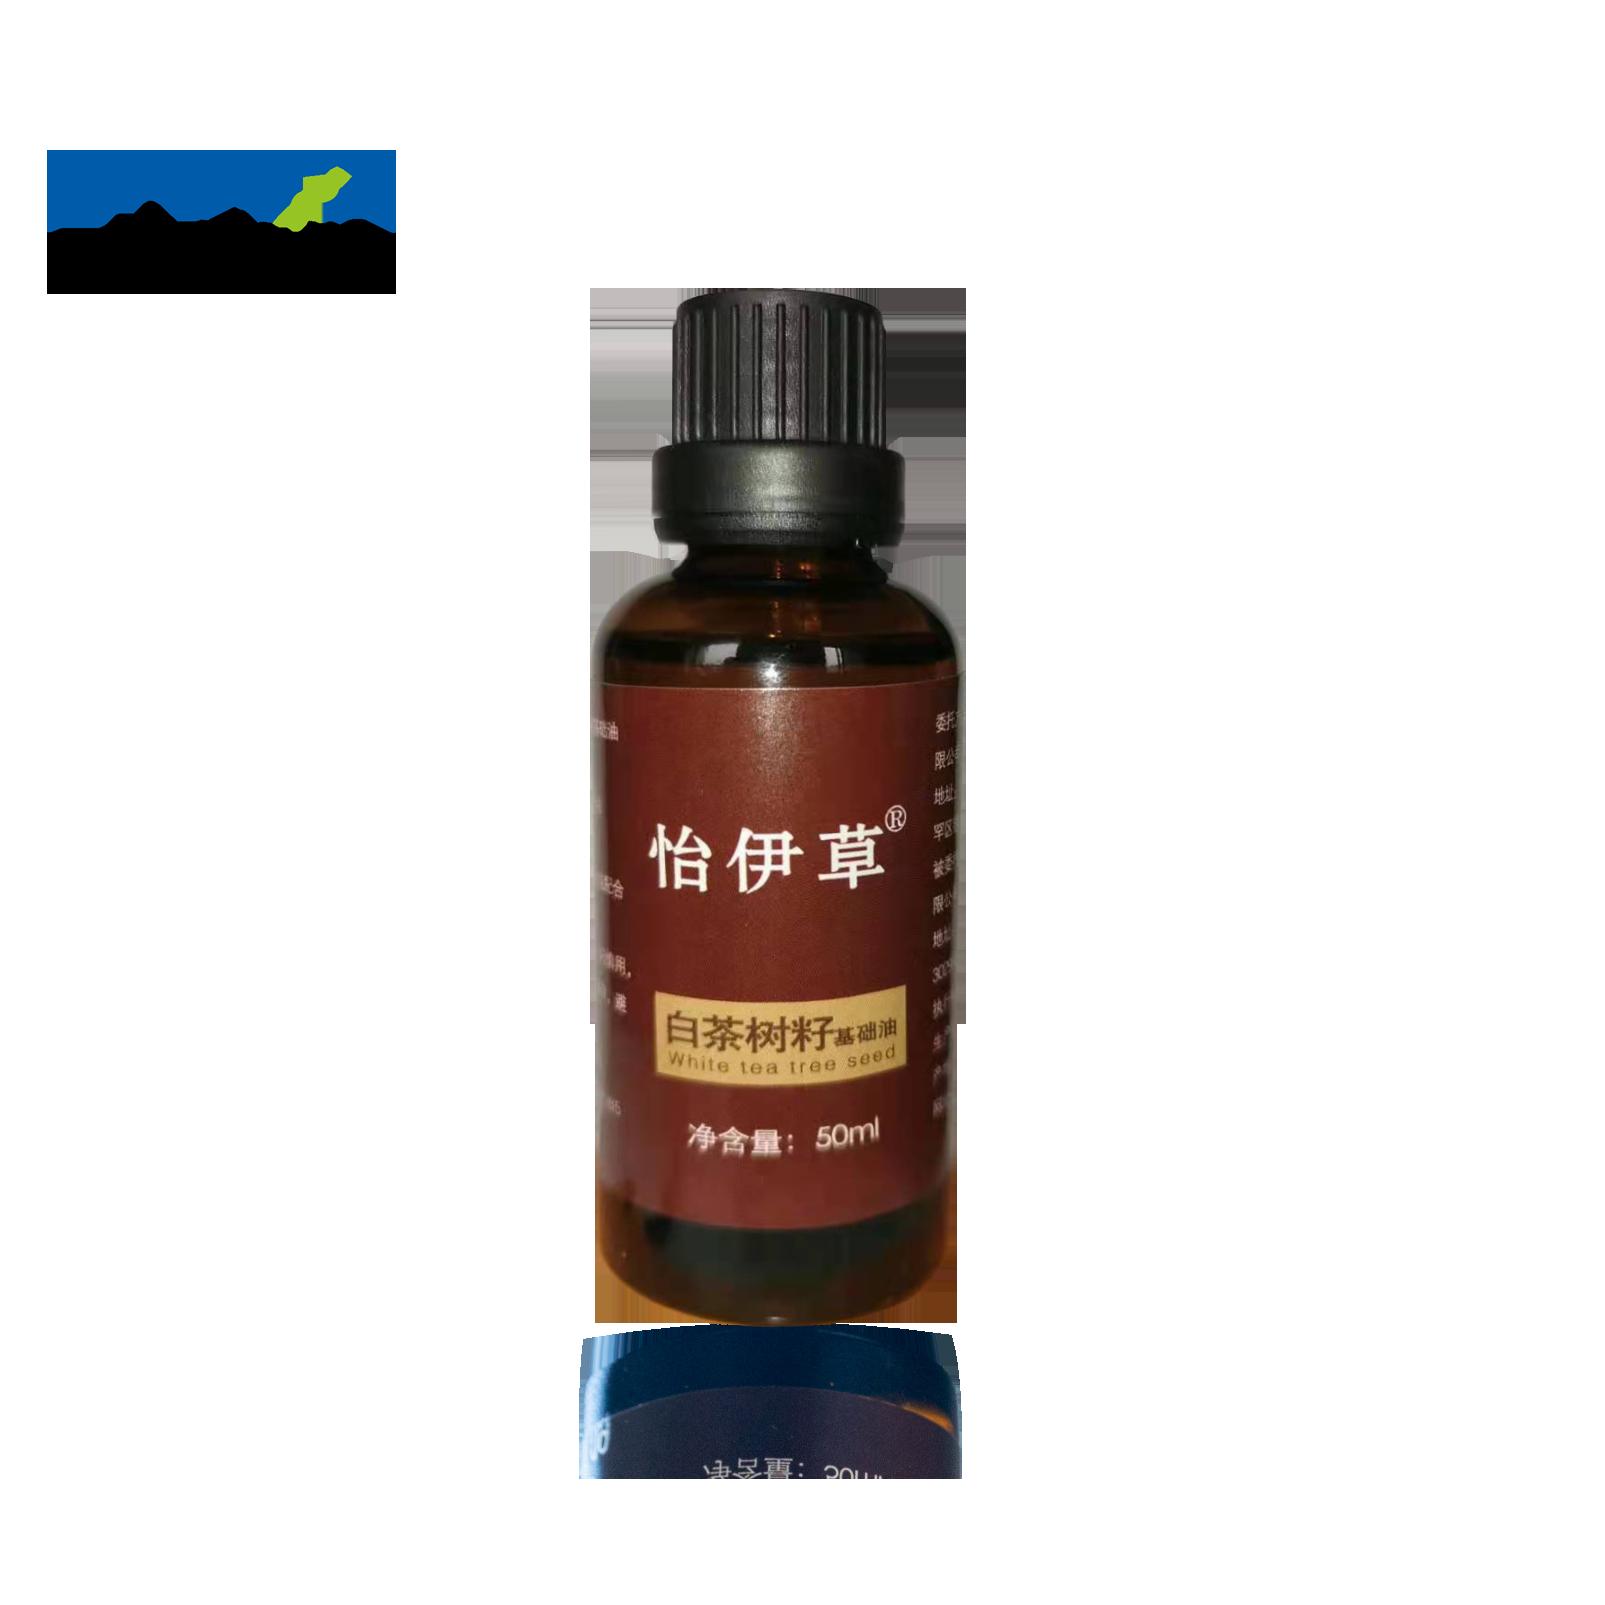 怡伊草基础油系列之白茶树籽油/50mL